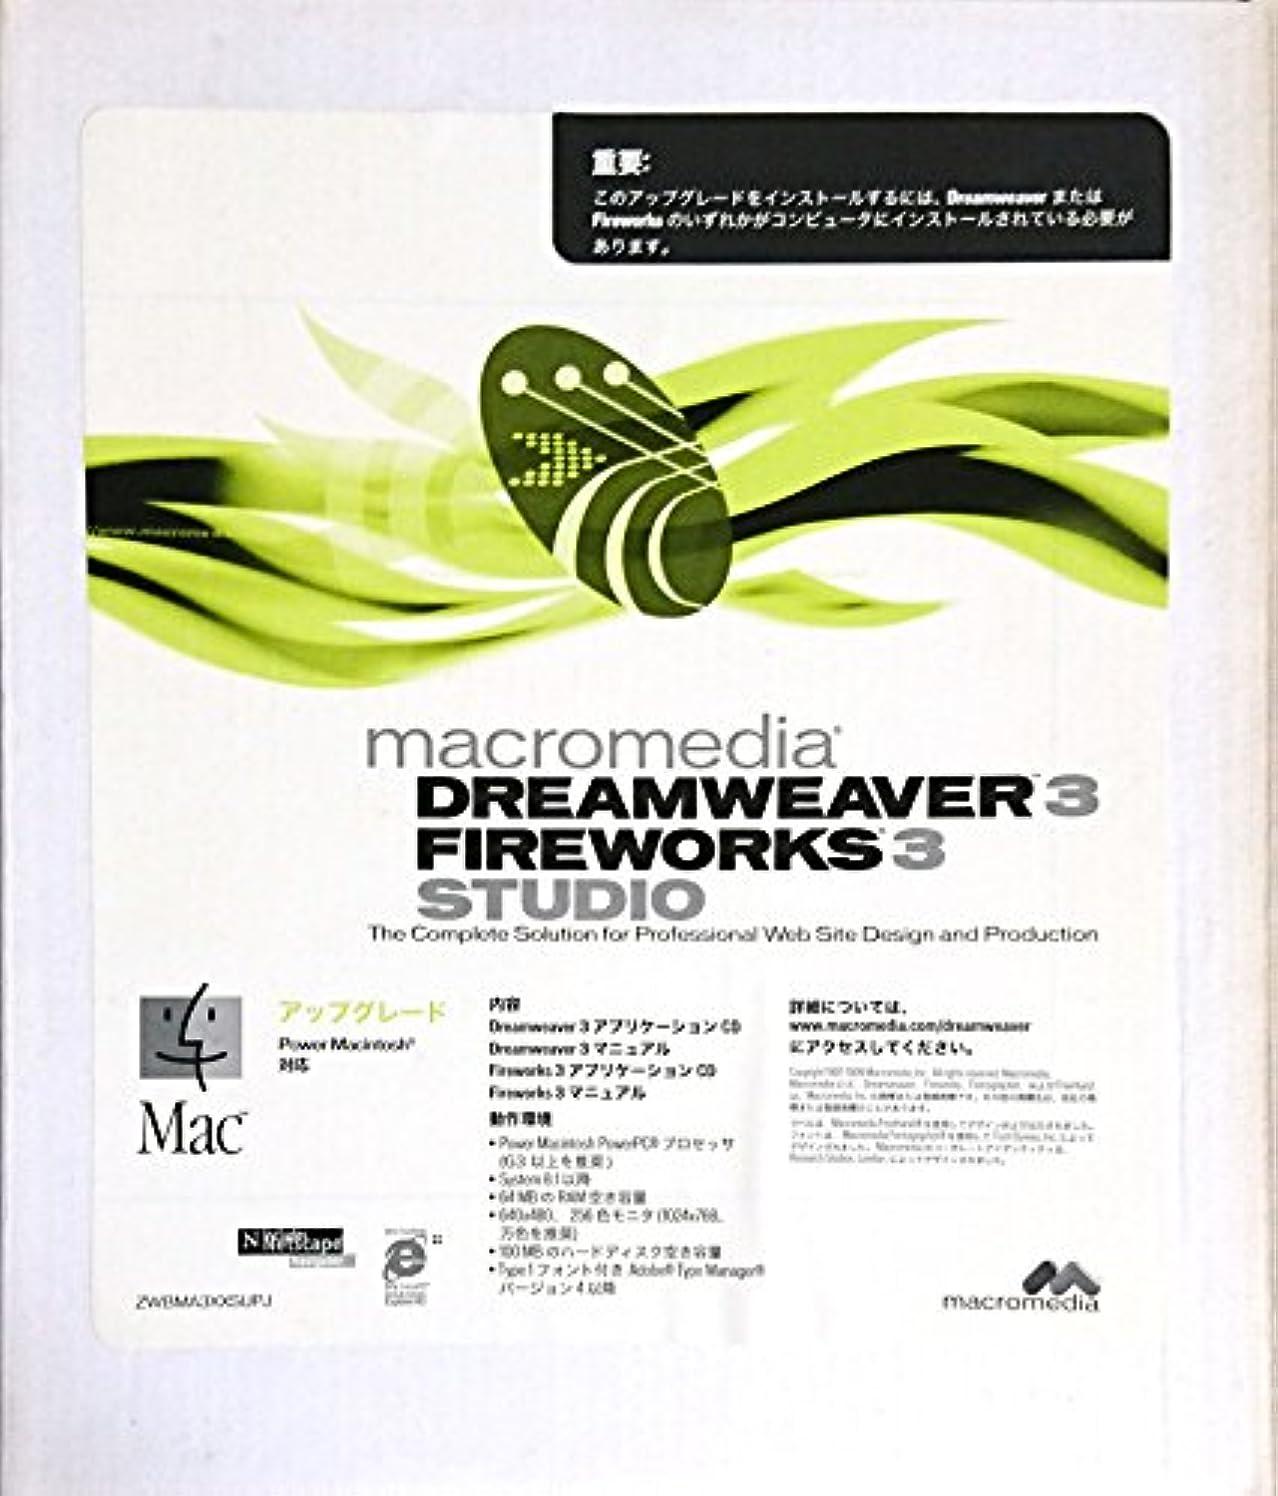 信頼ミュウミュウ多用途macromedia DREAMWEAVER 3 FIREWORKS 3 STUDIO アップグレード版 Macintosh